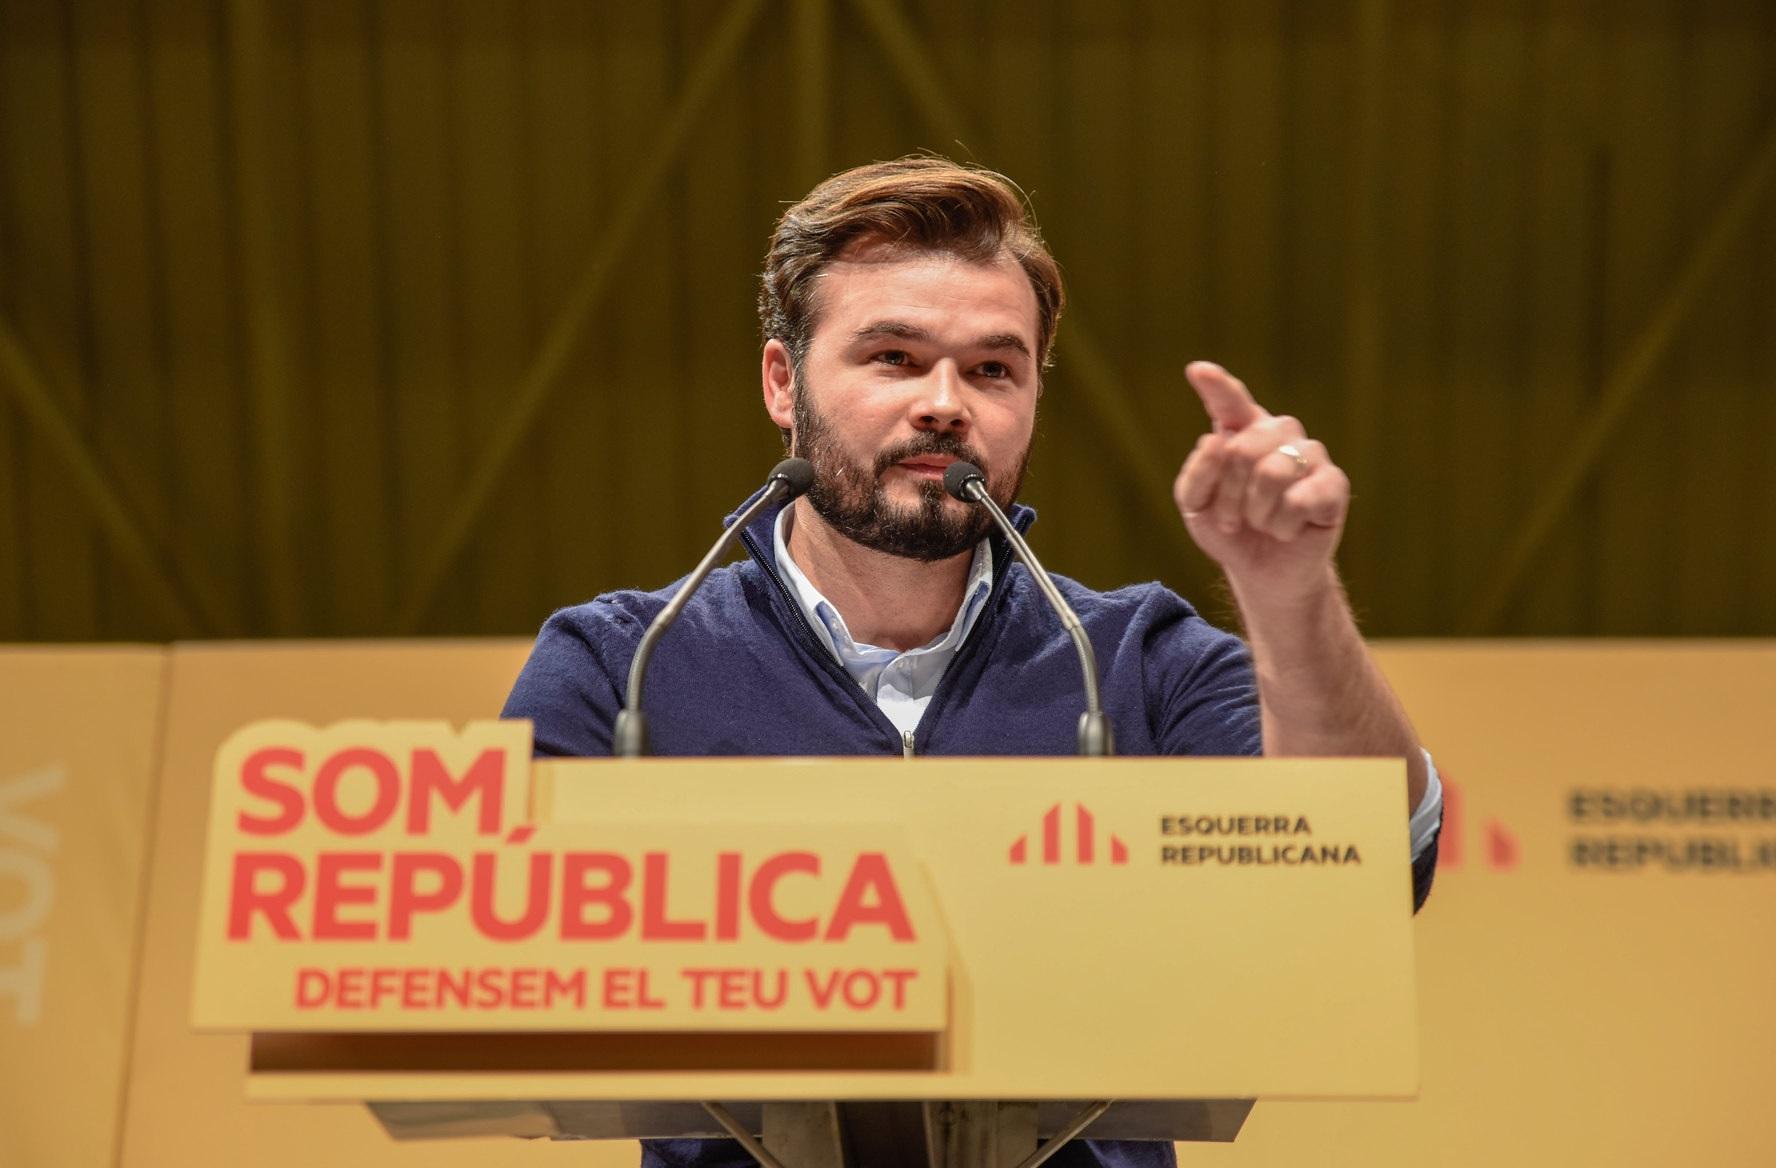 En plena segunda ola del COVID, el Congreso rechaza la propuesta de ERC que pretendía permitir las injurias al Rey y los ultrajes a España